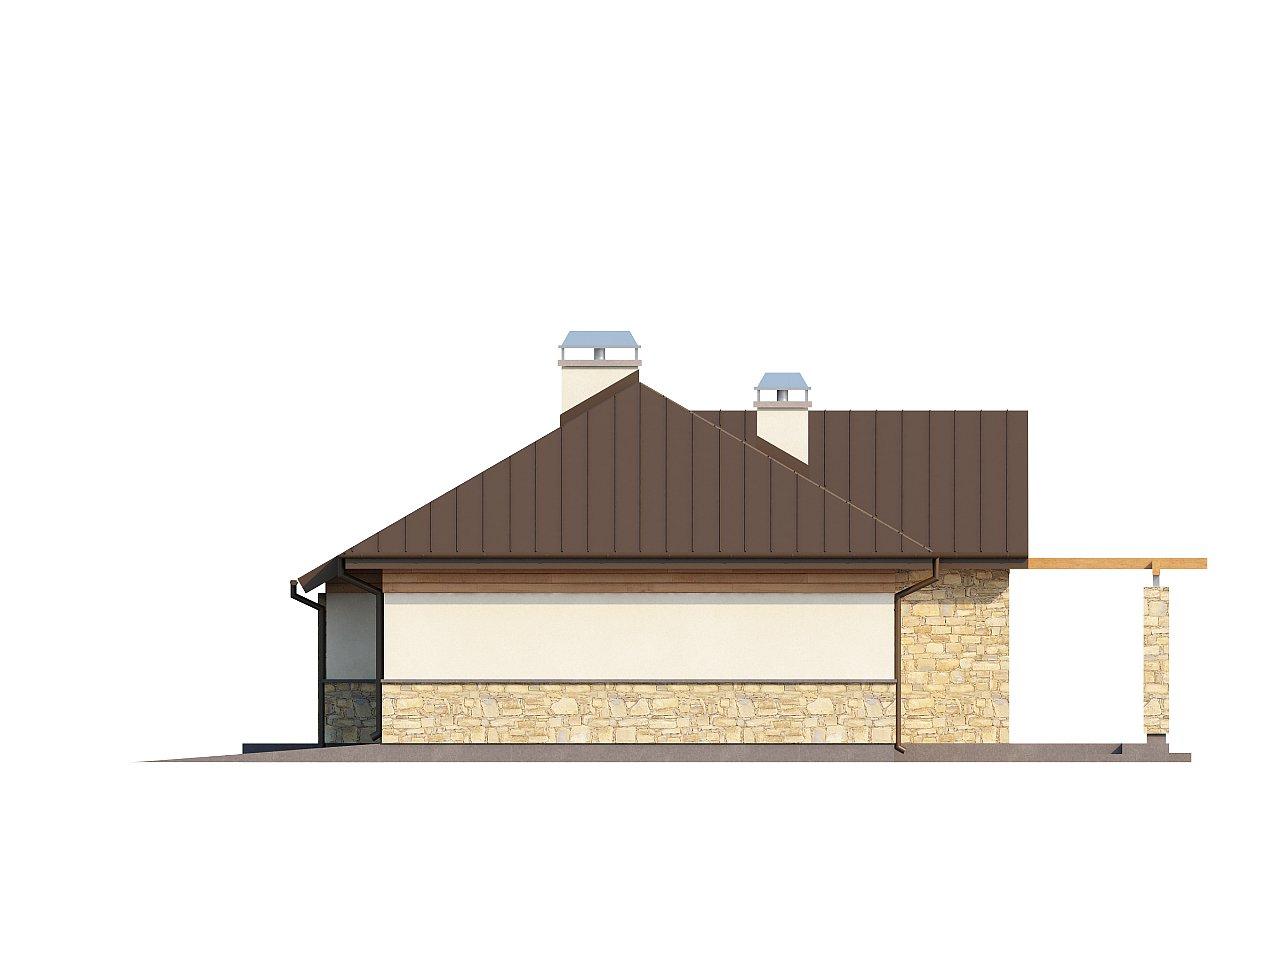 Функциональный компактный дом интересного дизайна. - фото 13